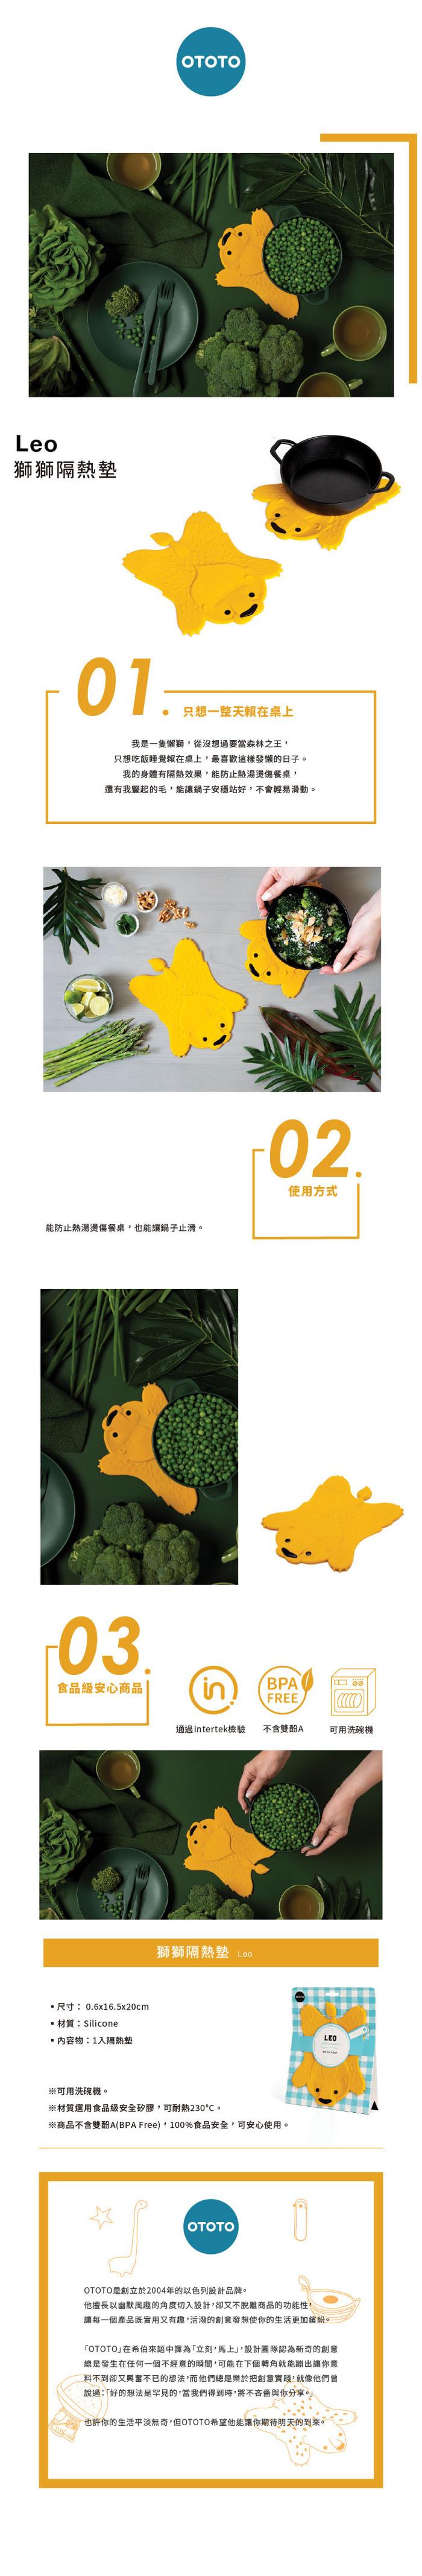 (複製)OTOTO|小樹-拌炒抹棒